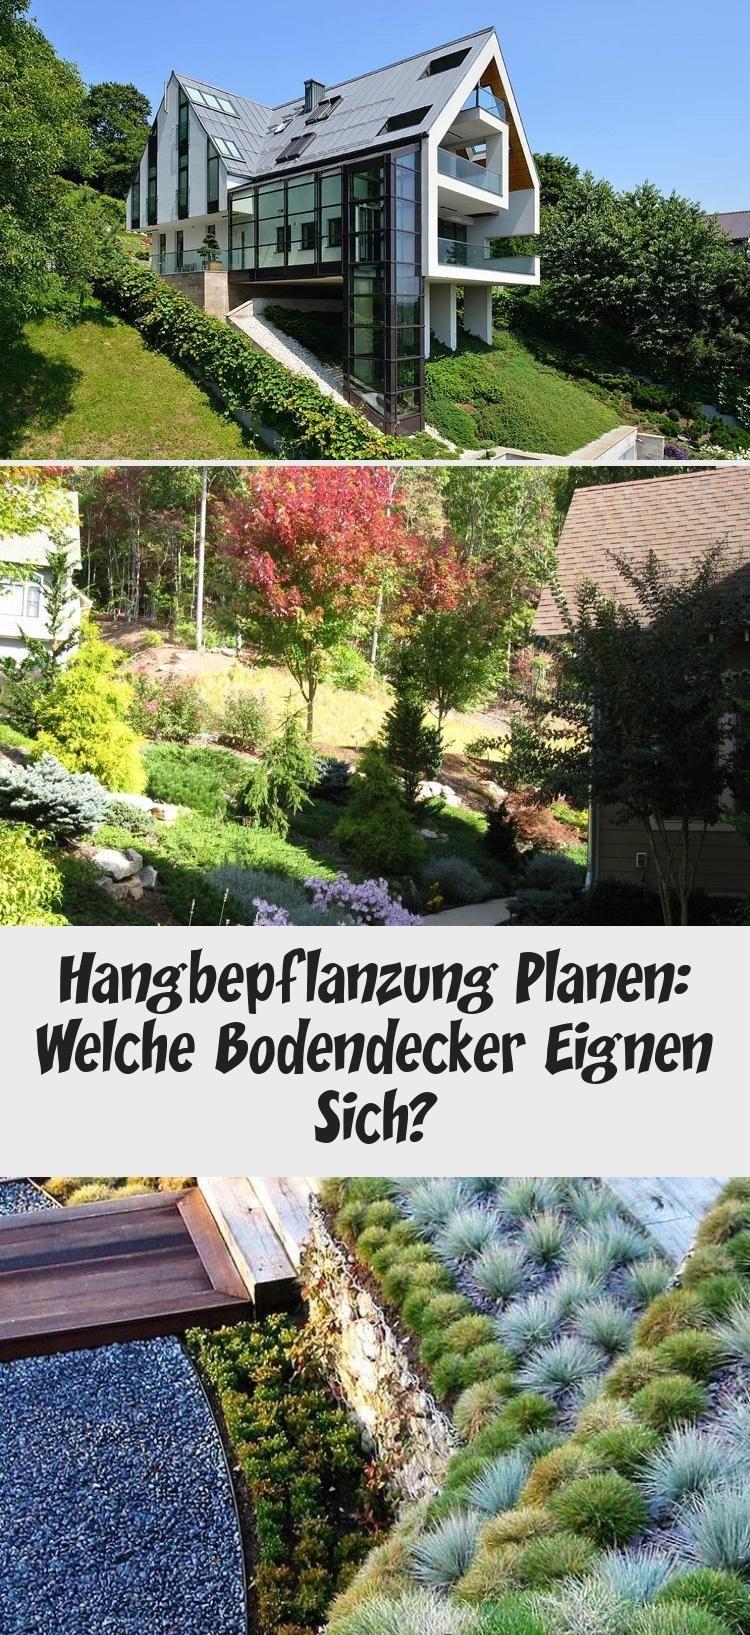 Lavendel Nach Der Blutezeit Gartengestaltungeinfach Gartengestaltungbaum Gartengestaltunghanglage Gartengestaltungeck In 2020 Railroad Tracks Greenhouse Structures